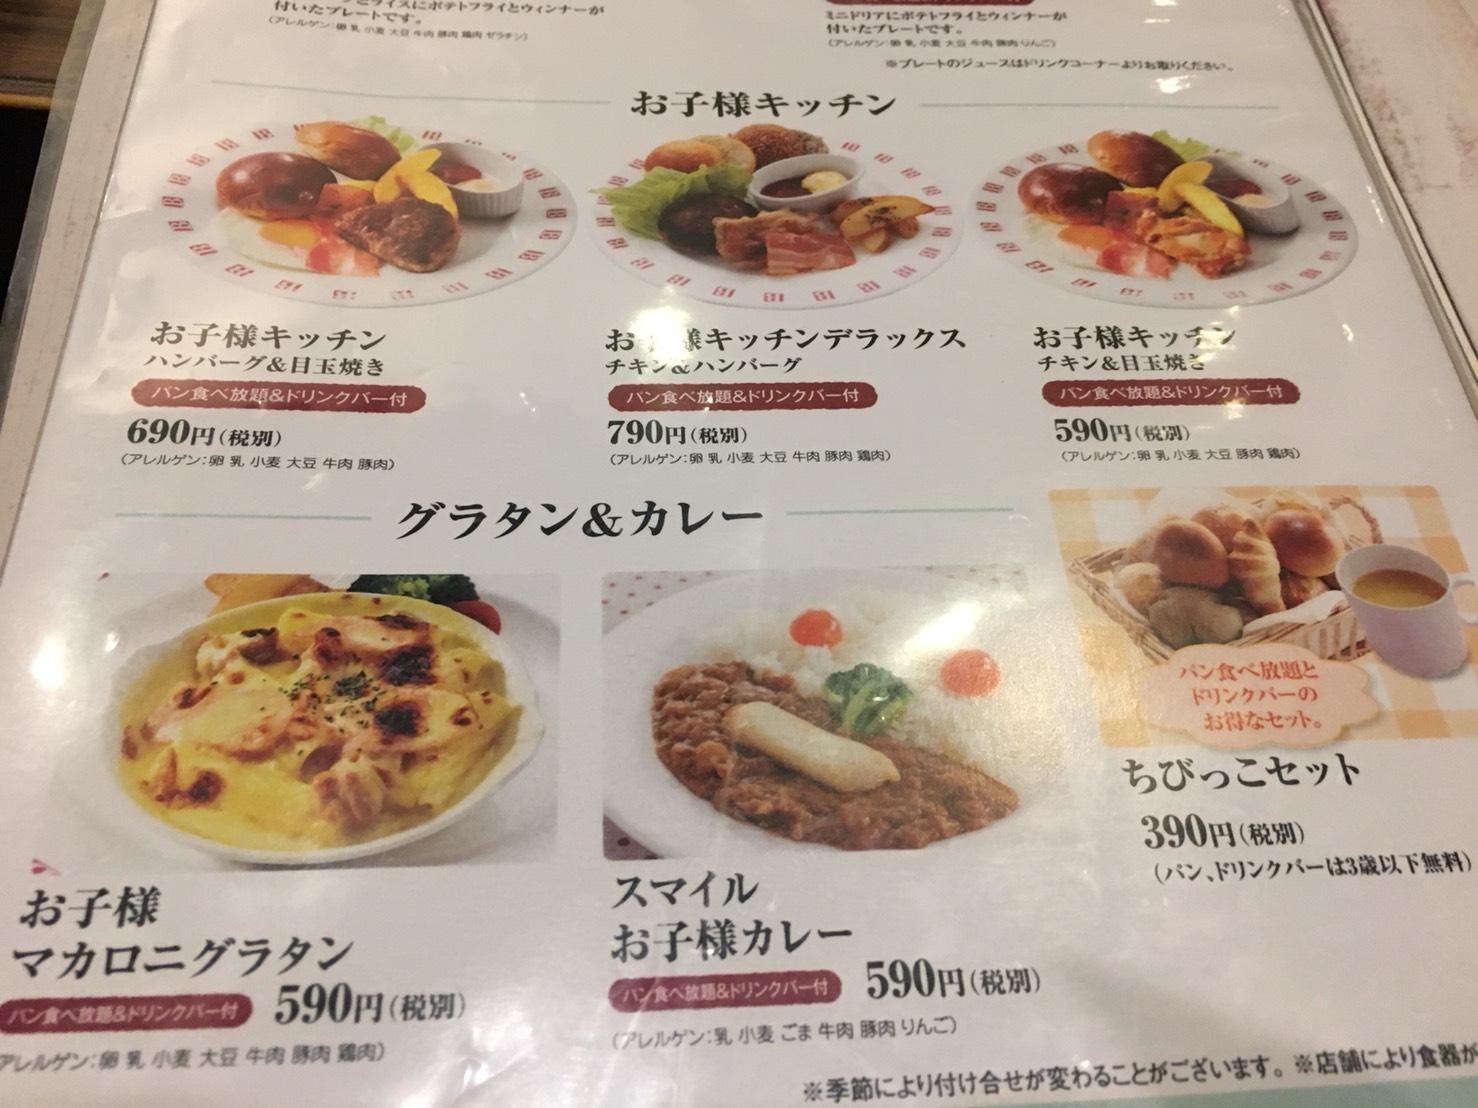 【池袋駅】自家製パン食べ放題とグリルで満腹「ビストロ309」のキッズメニュー2